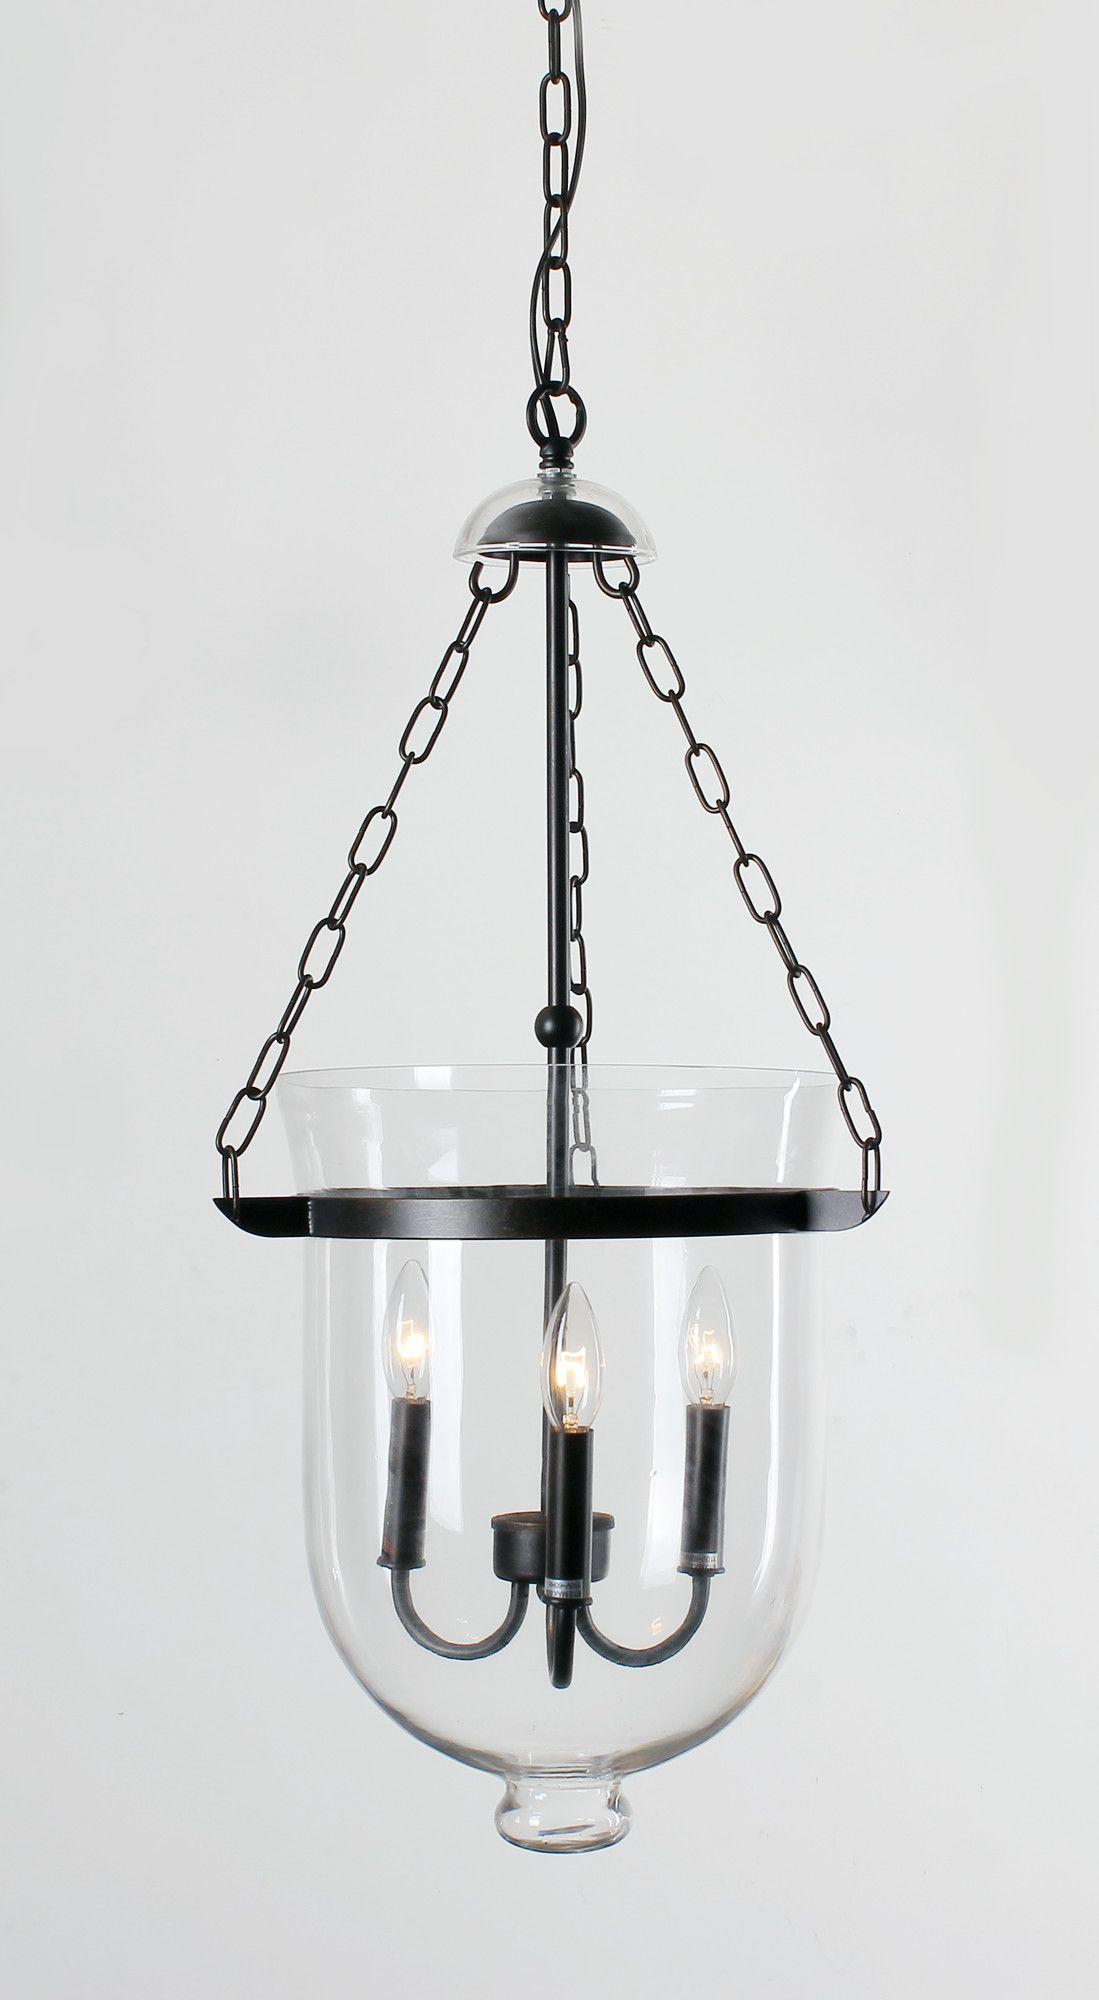 Vesta light bowl pendant wayfair lighting pinterest